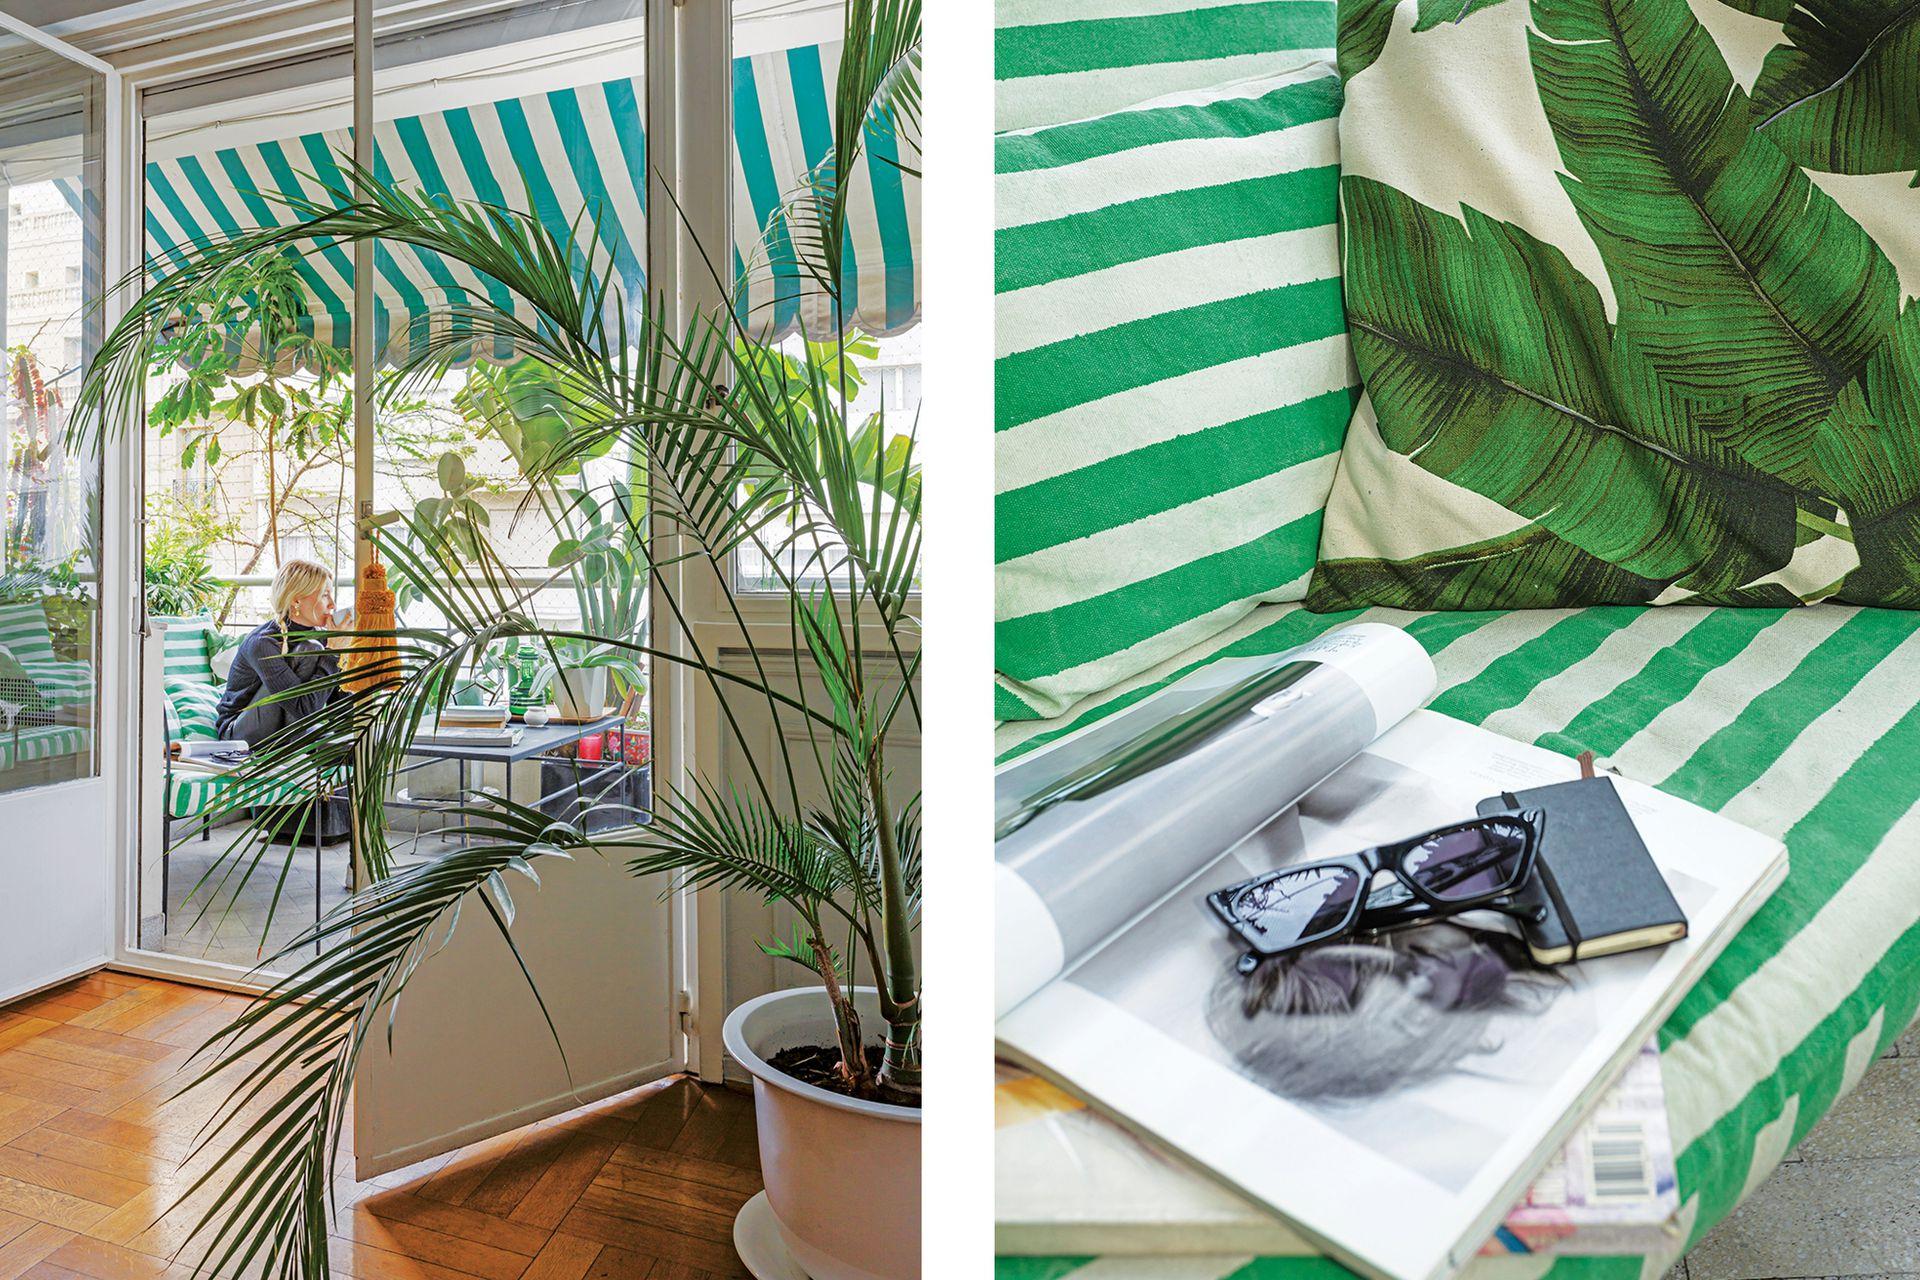 Palmeras de interior dan paso al exterior, donde el verde se replica en los textiles.